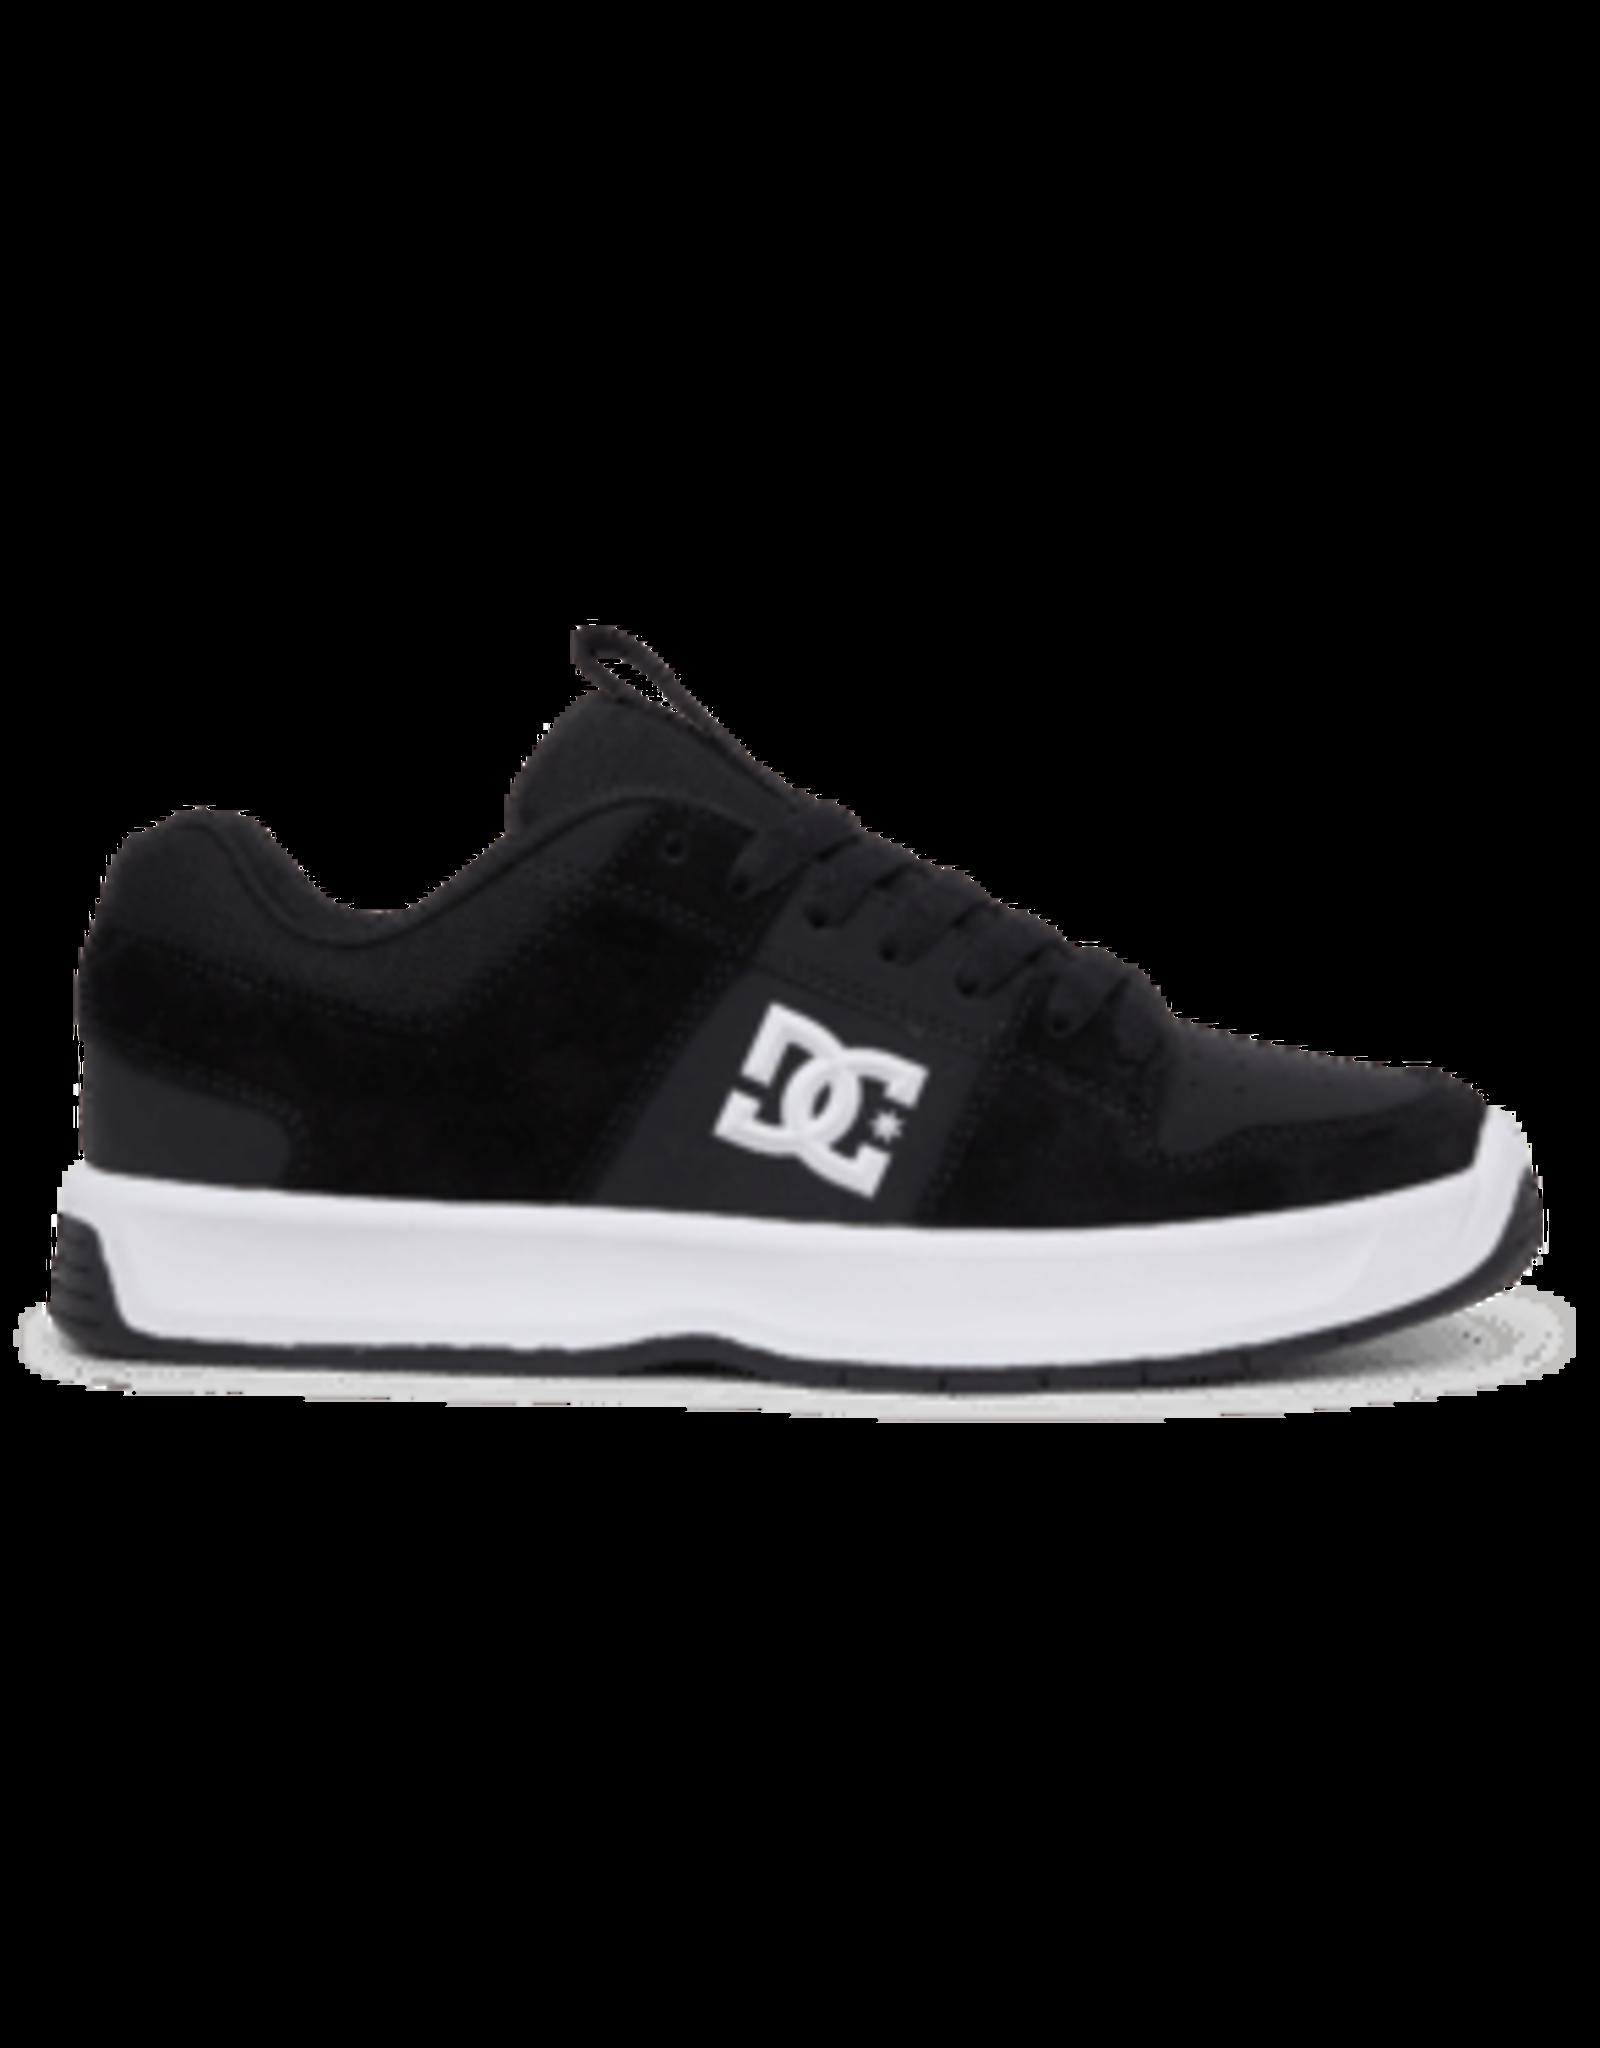 DC Lynx Zero M Shoe